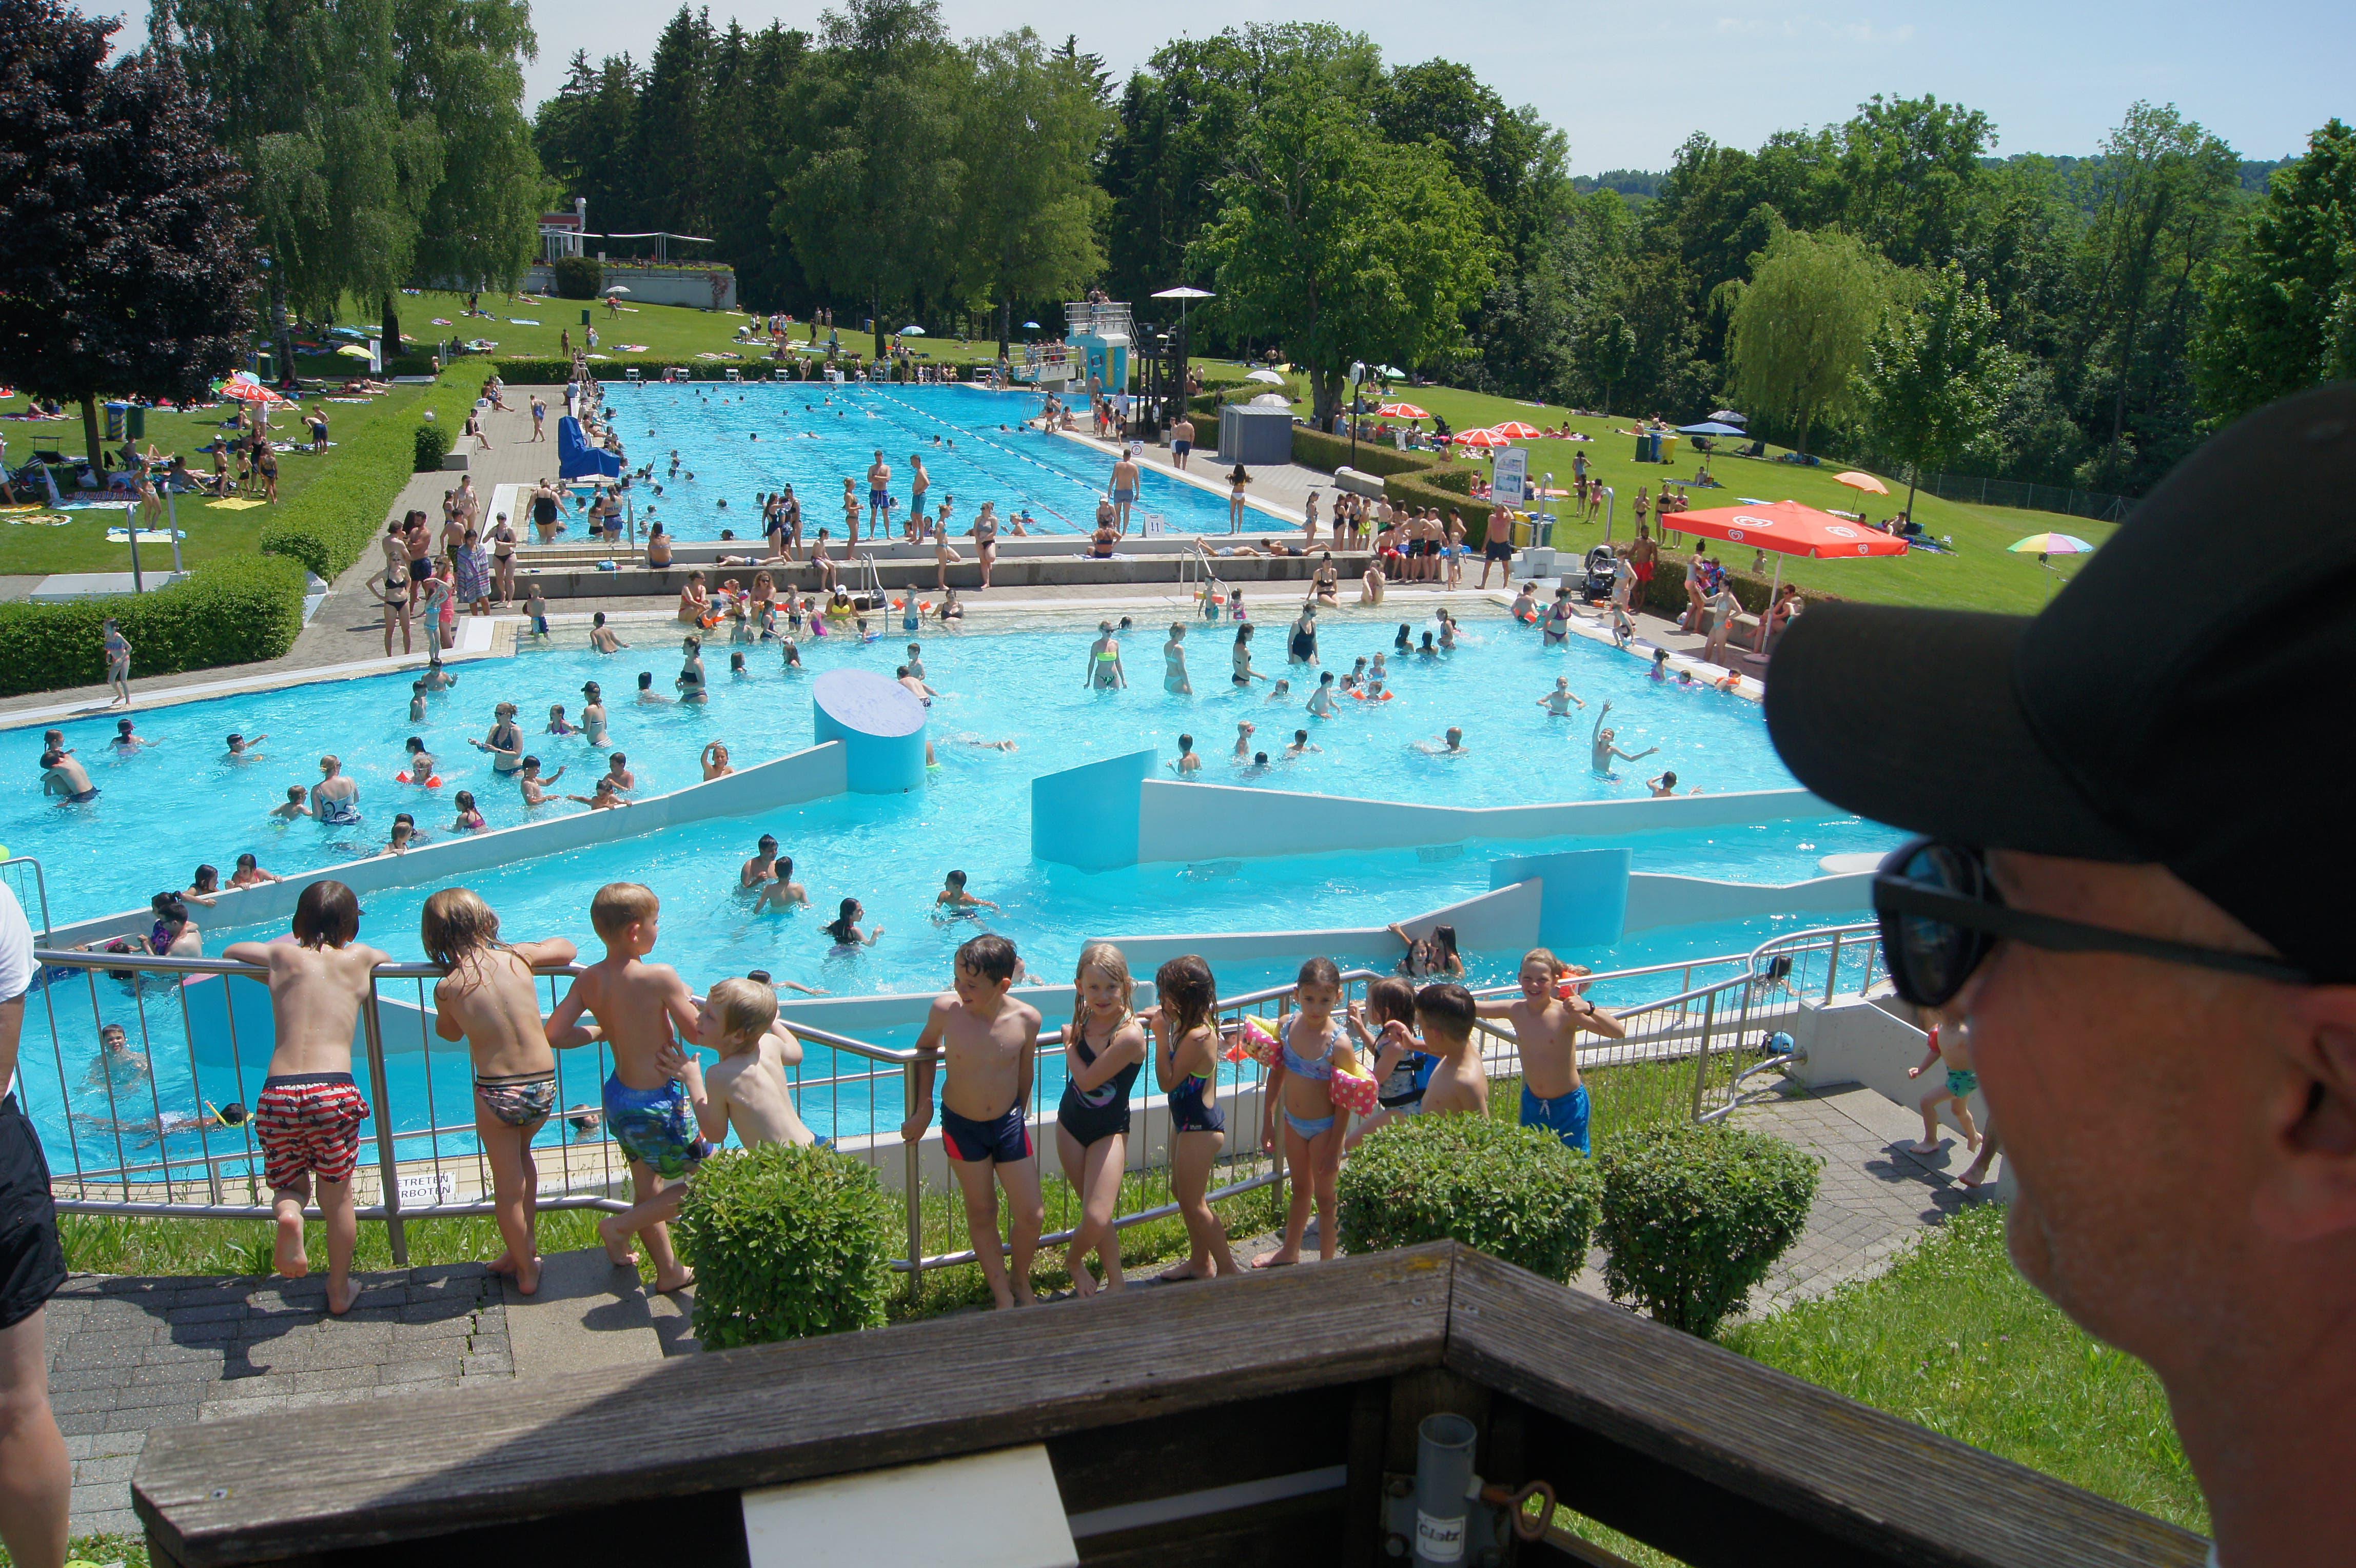 Viele Gäste suchen beim heissen Sommerwetter die Abkühling in den Schwimmbecken der Badi Weihermatt in Urdorf.